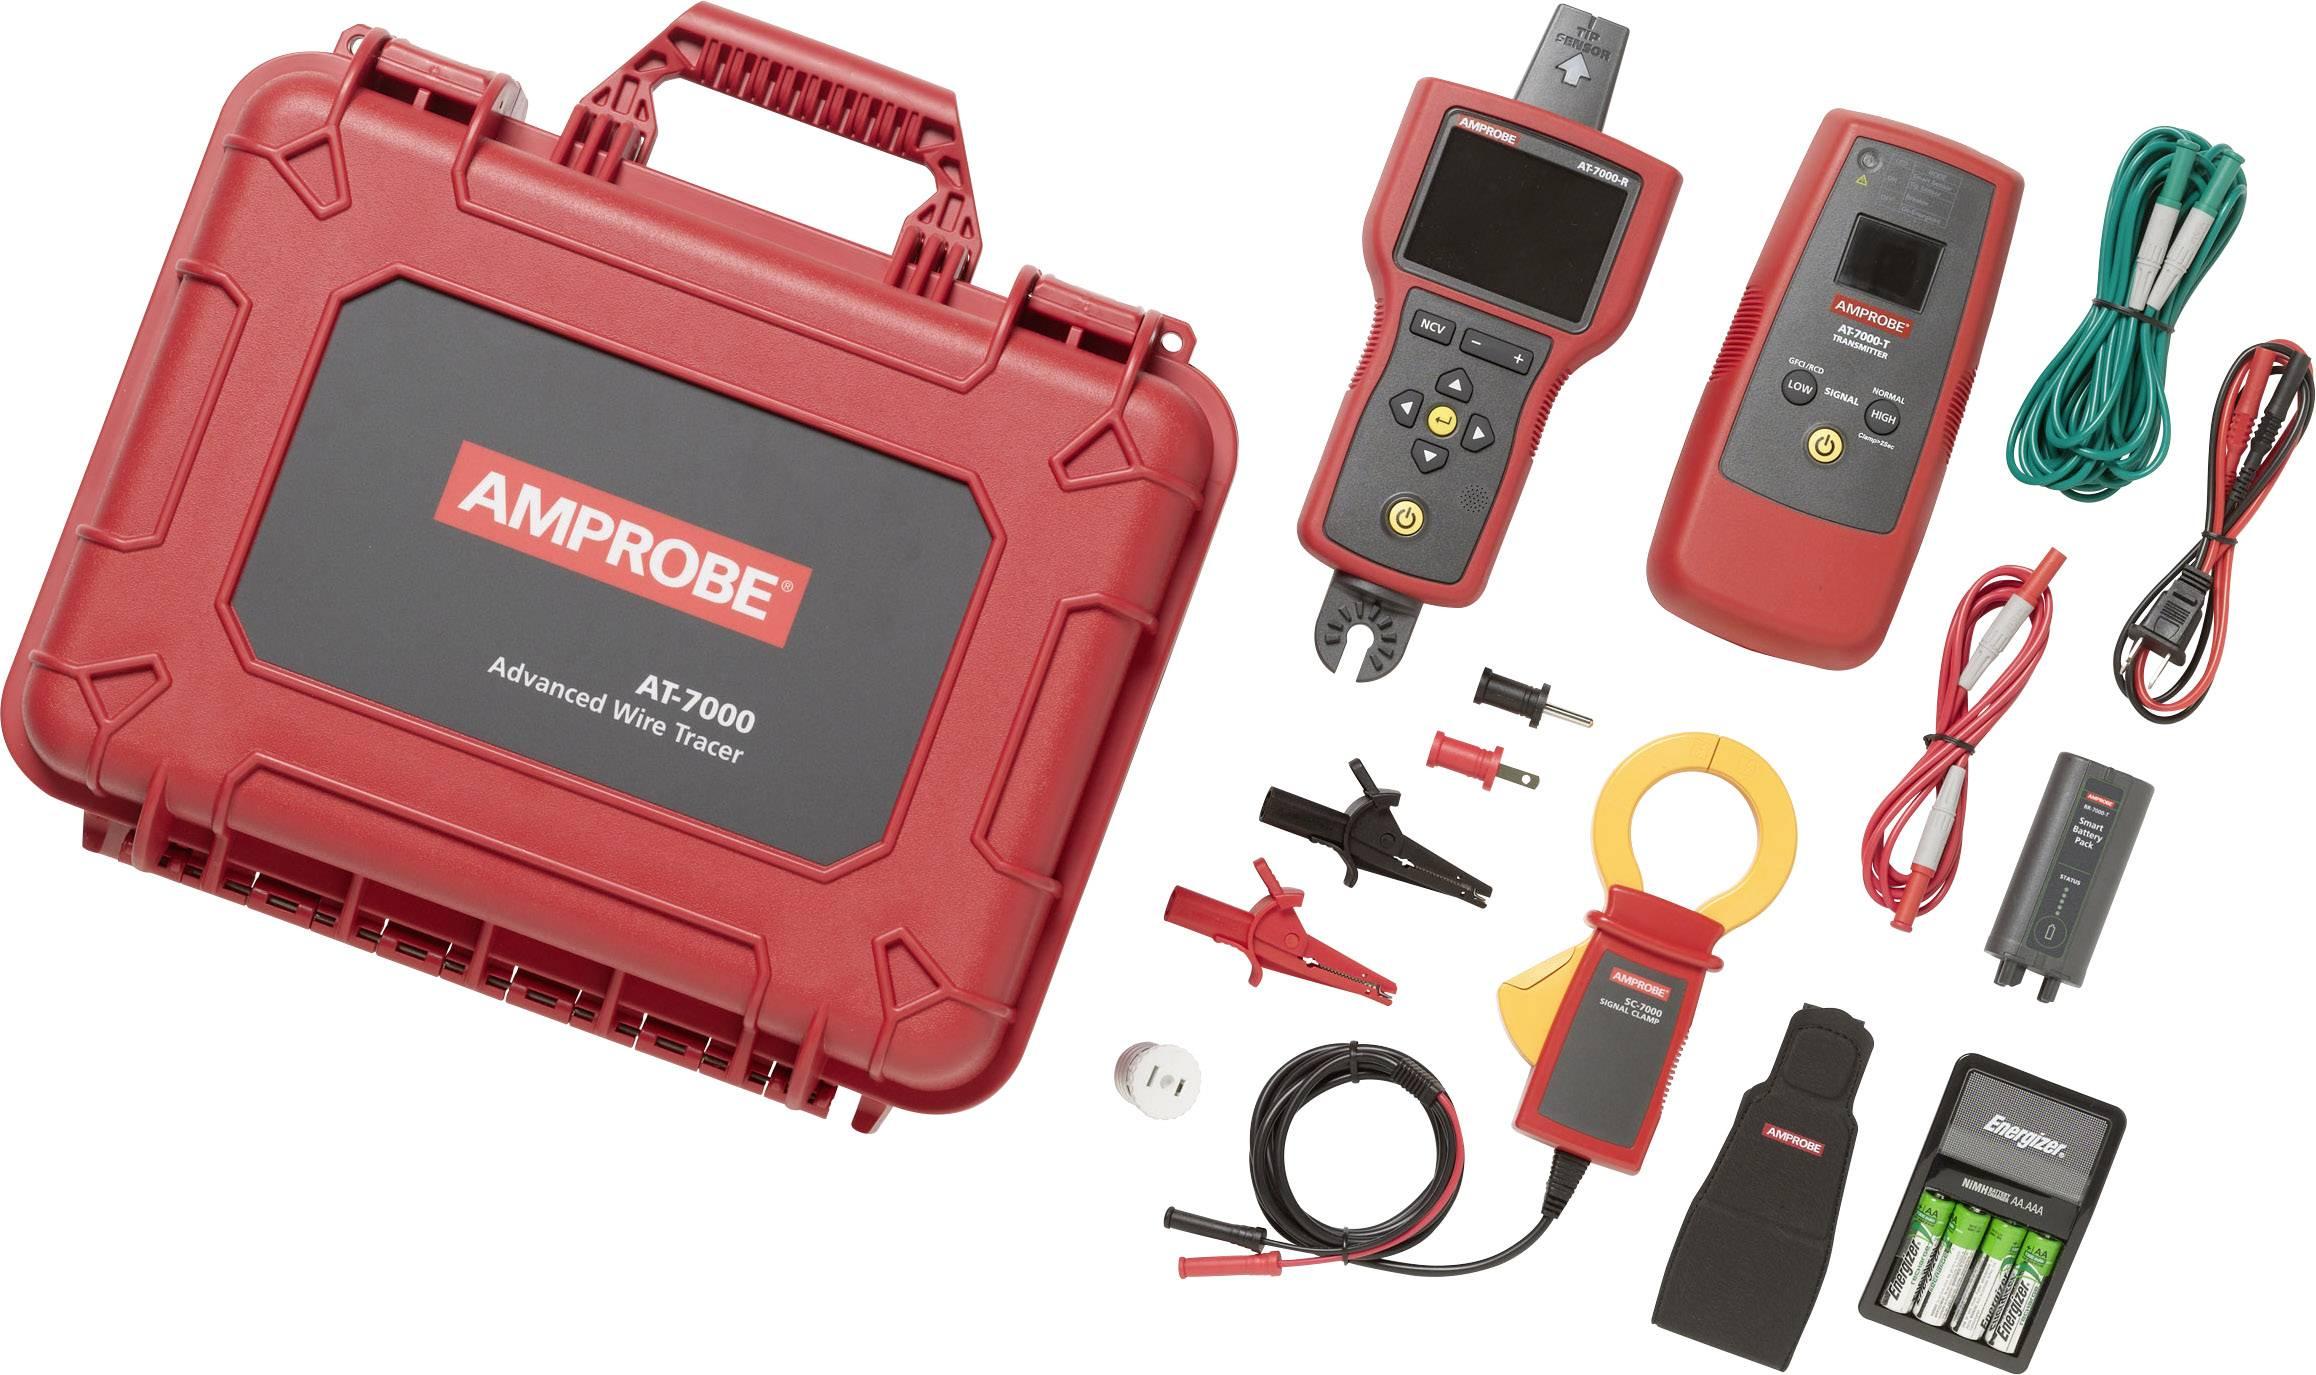 Kufrík s tvrdou škrupinou Beha AMPROBE CC-7000 eur pre vyhľadávač vedenie AT-7000-EUR 4542833